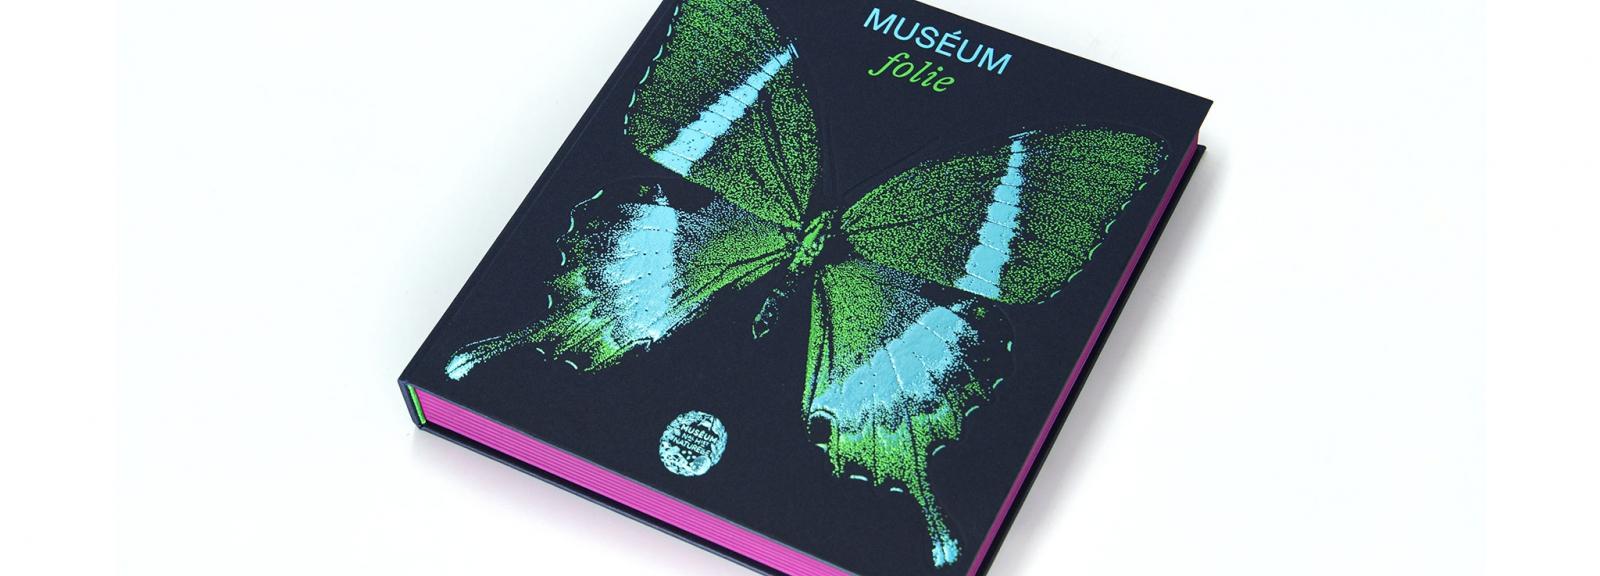 Couverture du livre Muséum folie © MNHN